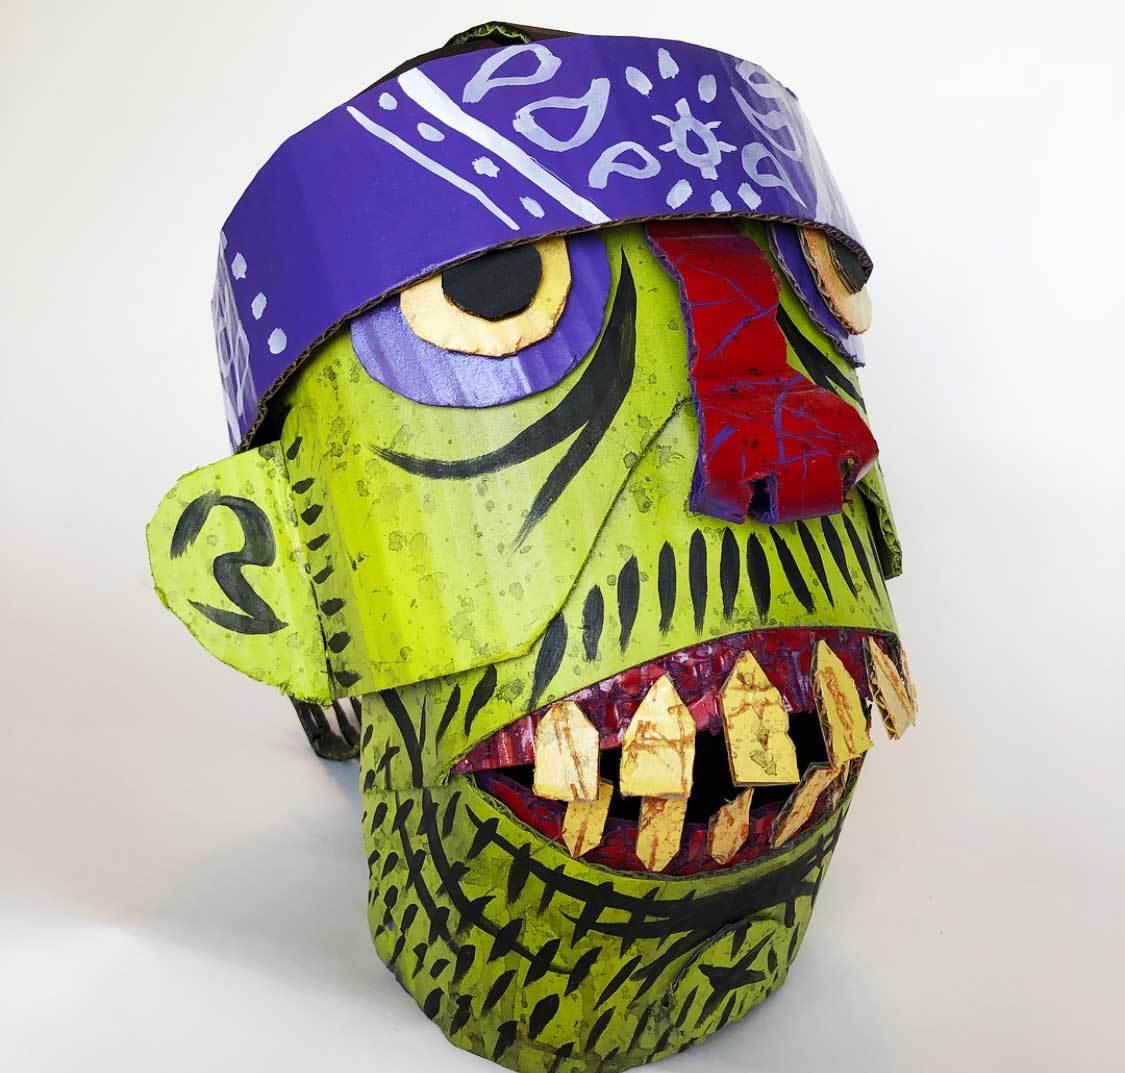 Masksofawesome05